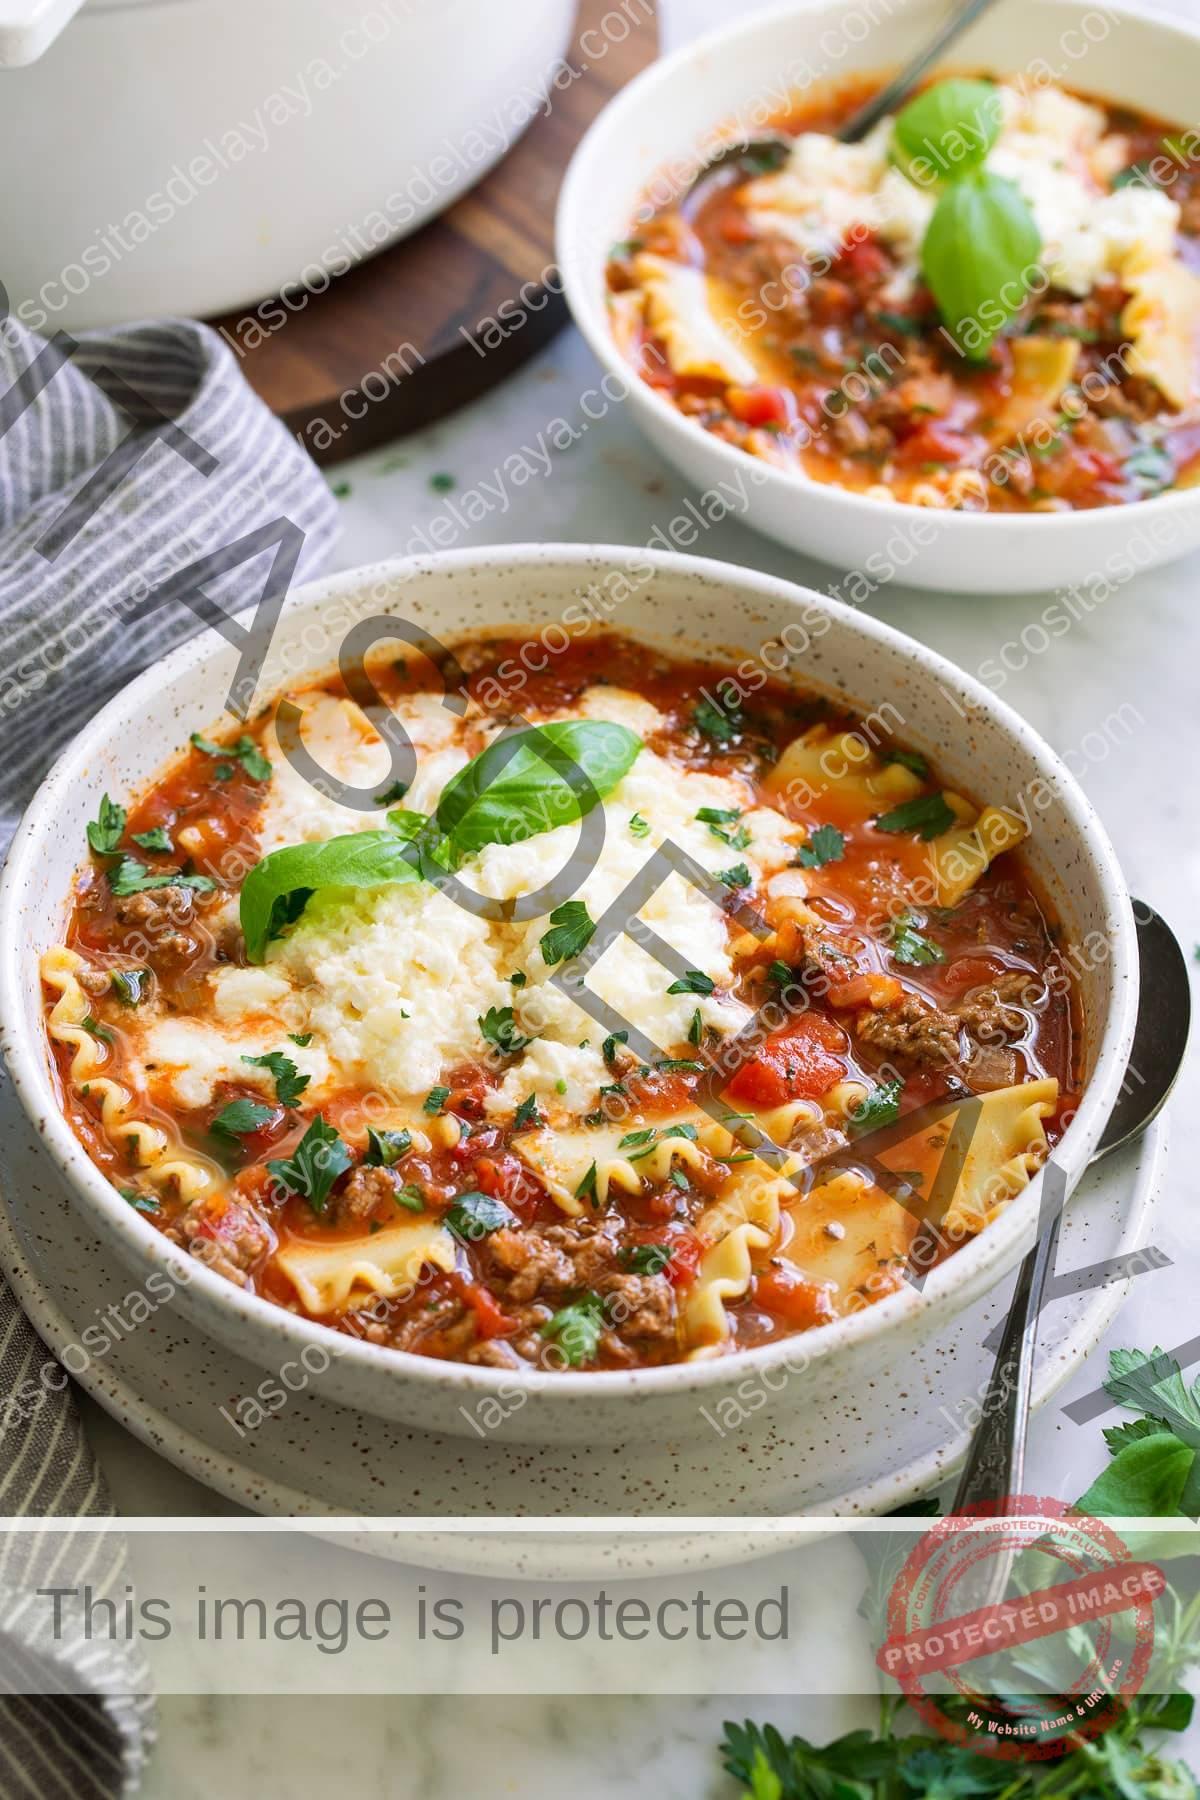 Dos porciones individuales de sopa de lasaña.